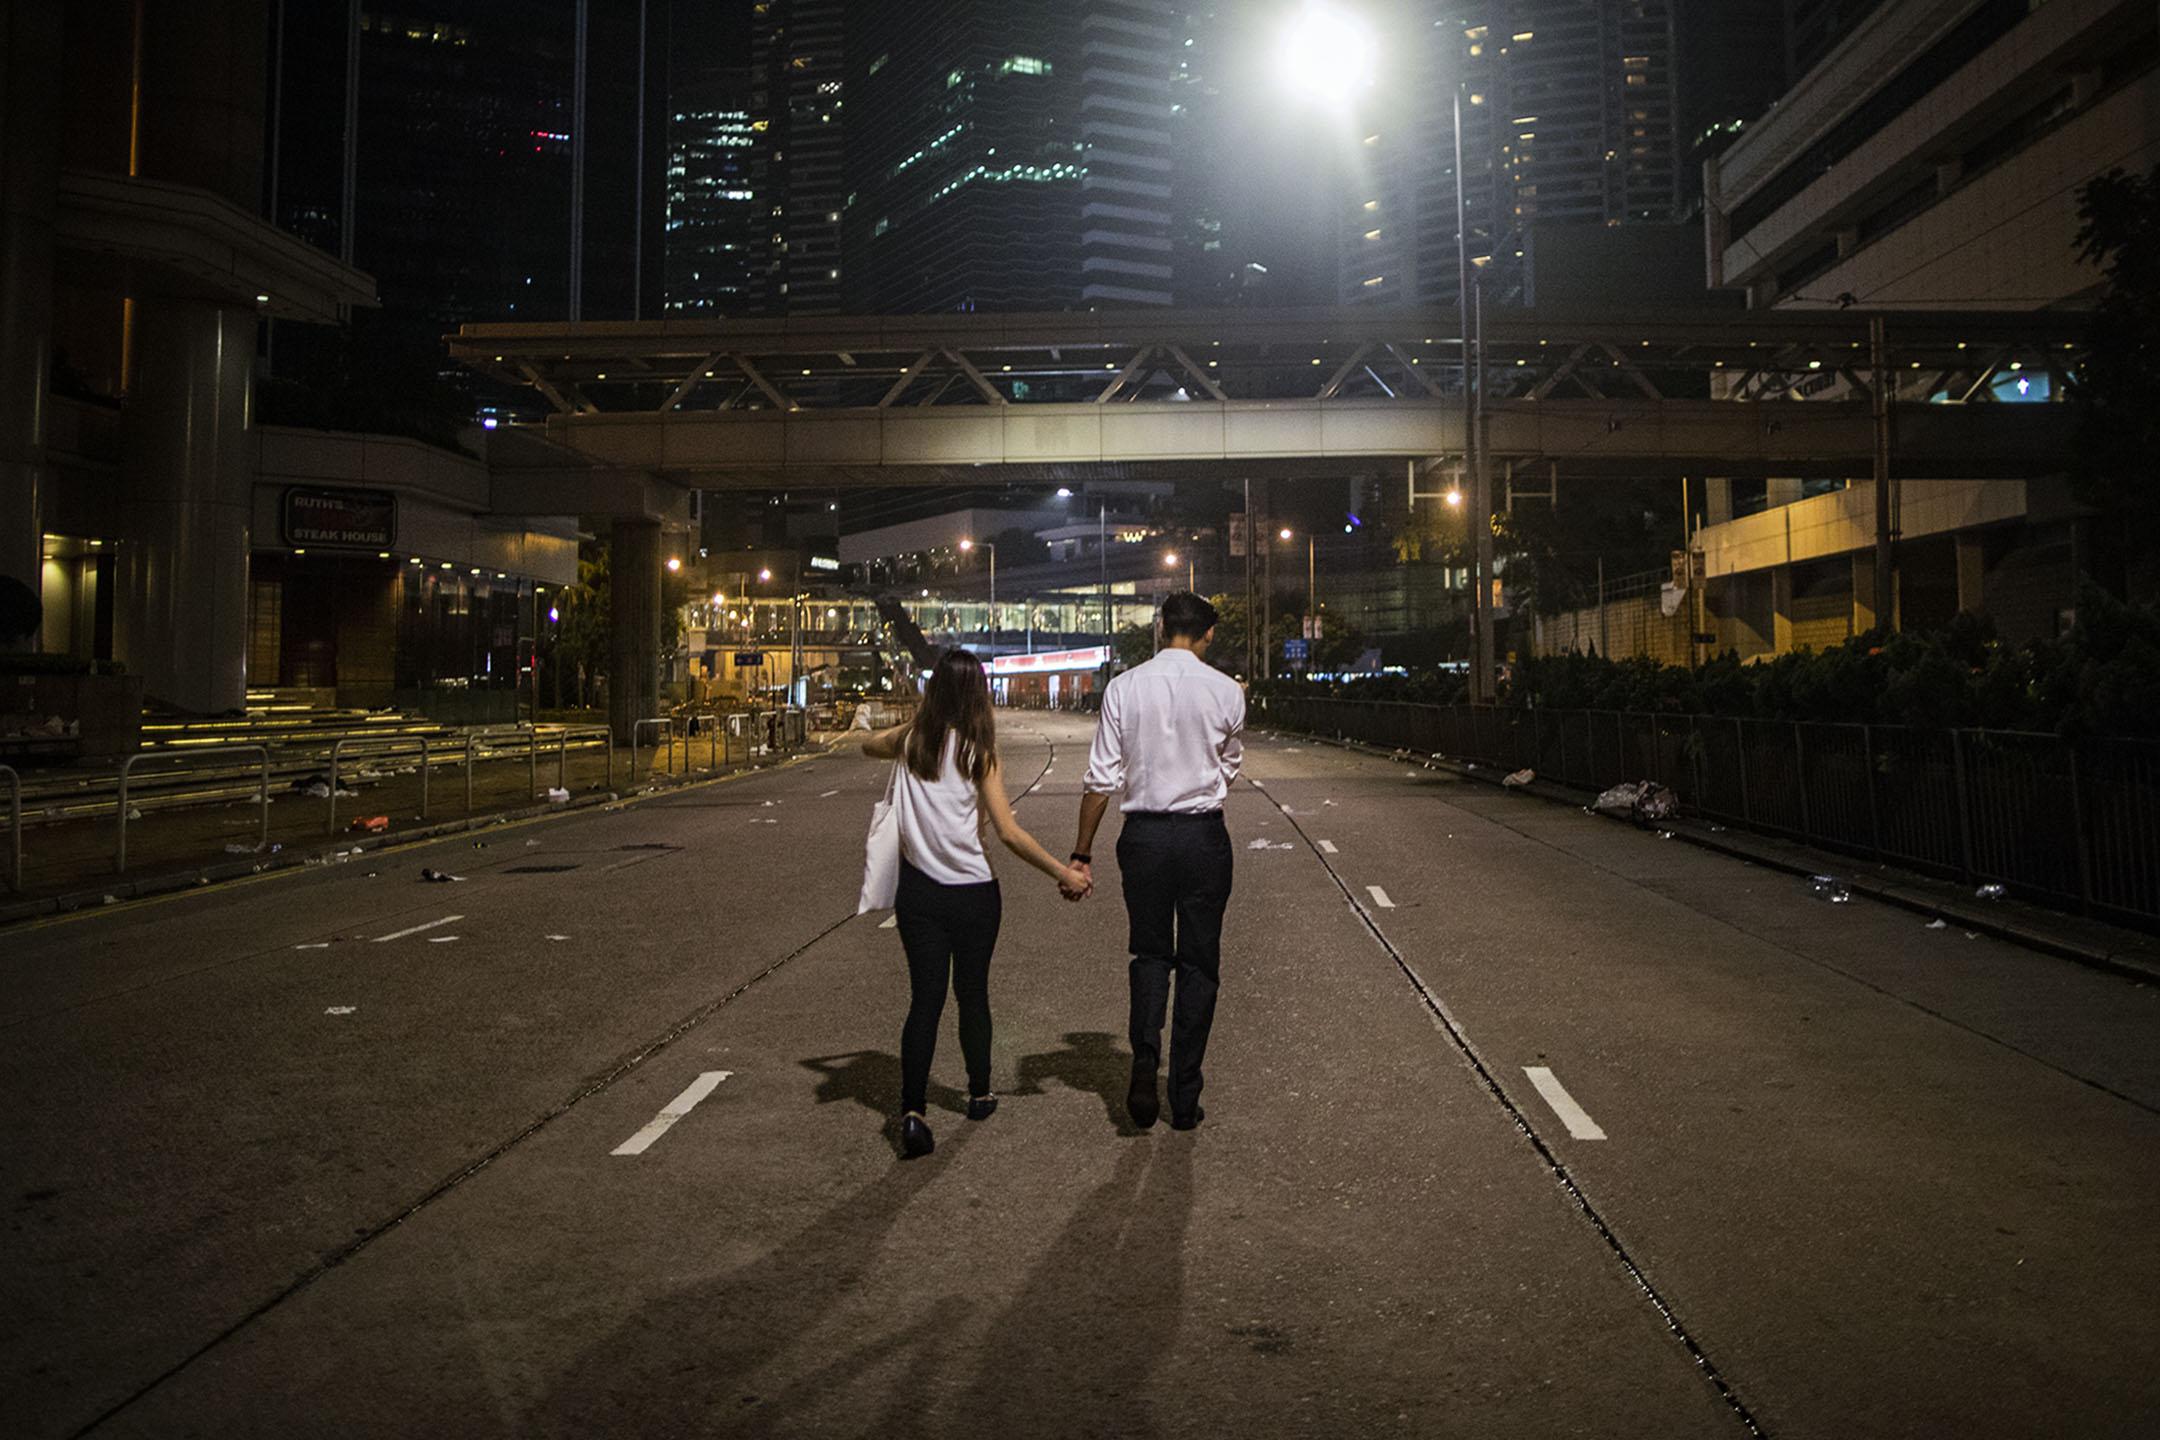 2019年6月12日深夜,一對情侶在被佔領的馬路上。